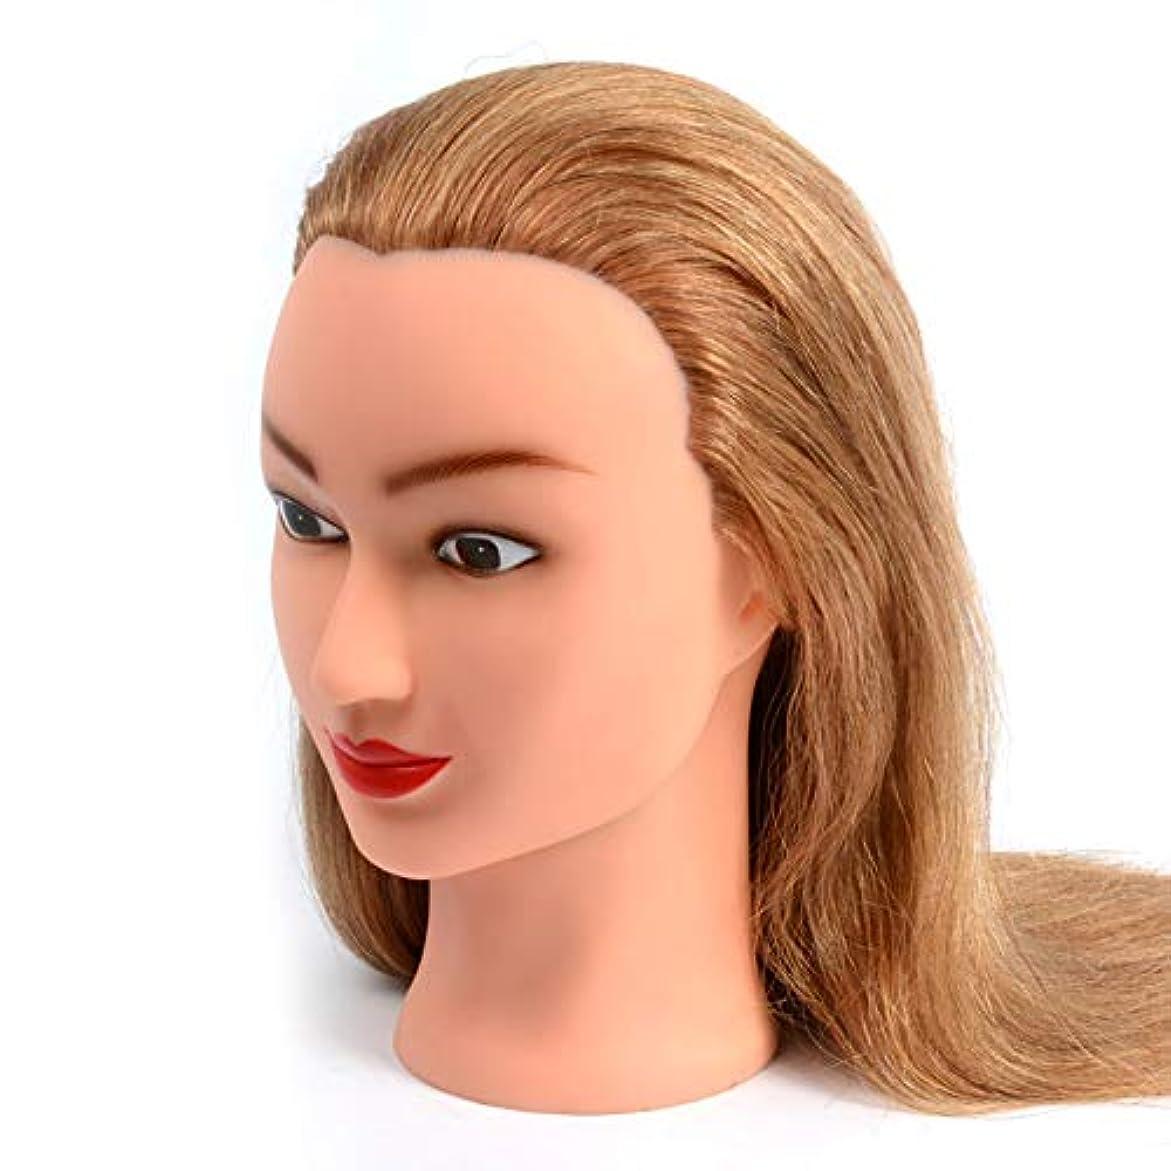 組み込む相談相談ブライダルメイクスタイリング練習モデル美容院散髪学習ダミーヘッドは染色することができますし、漂白ティーチングヘッド